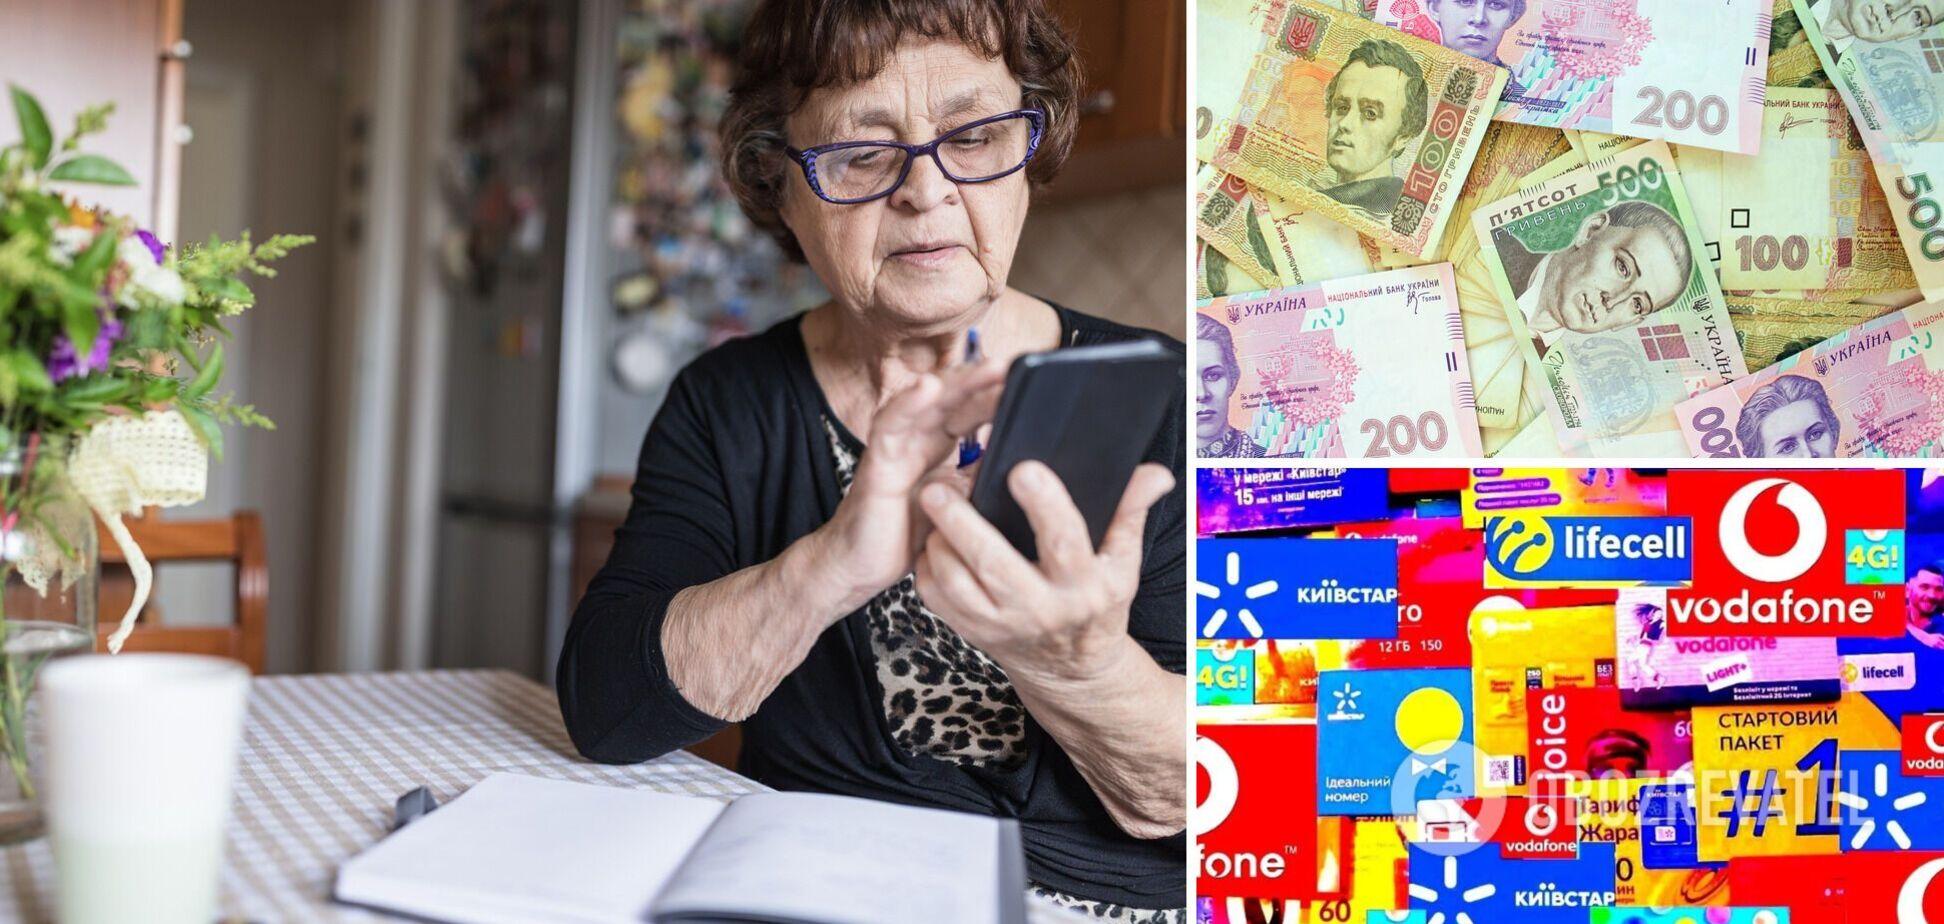 Со счетов украинцев списывают деньги